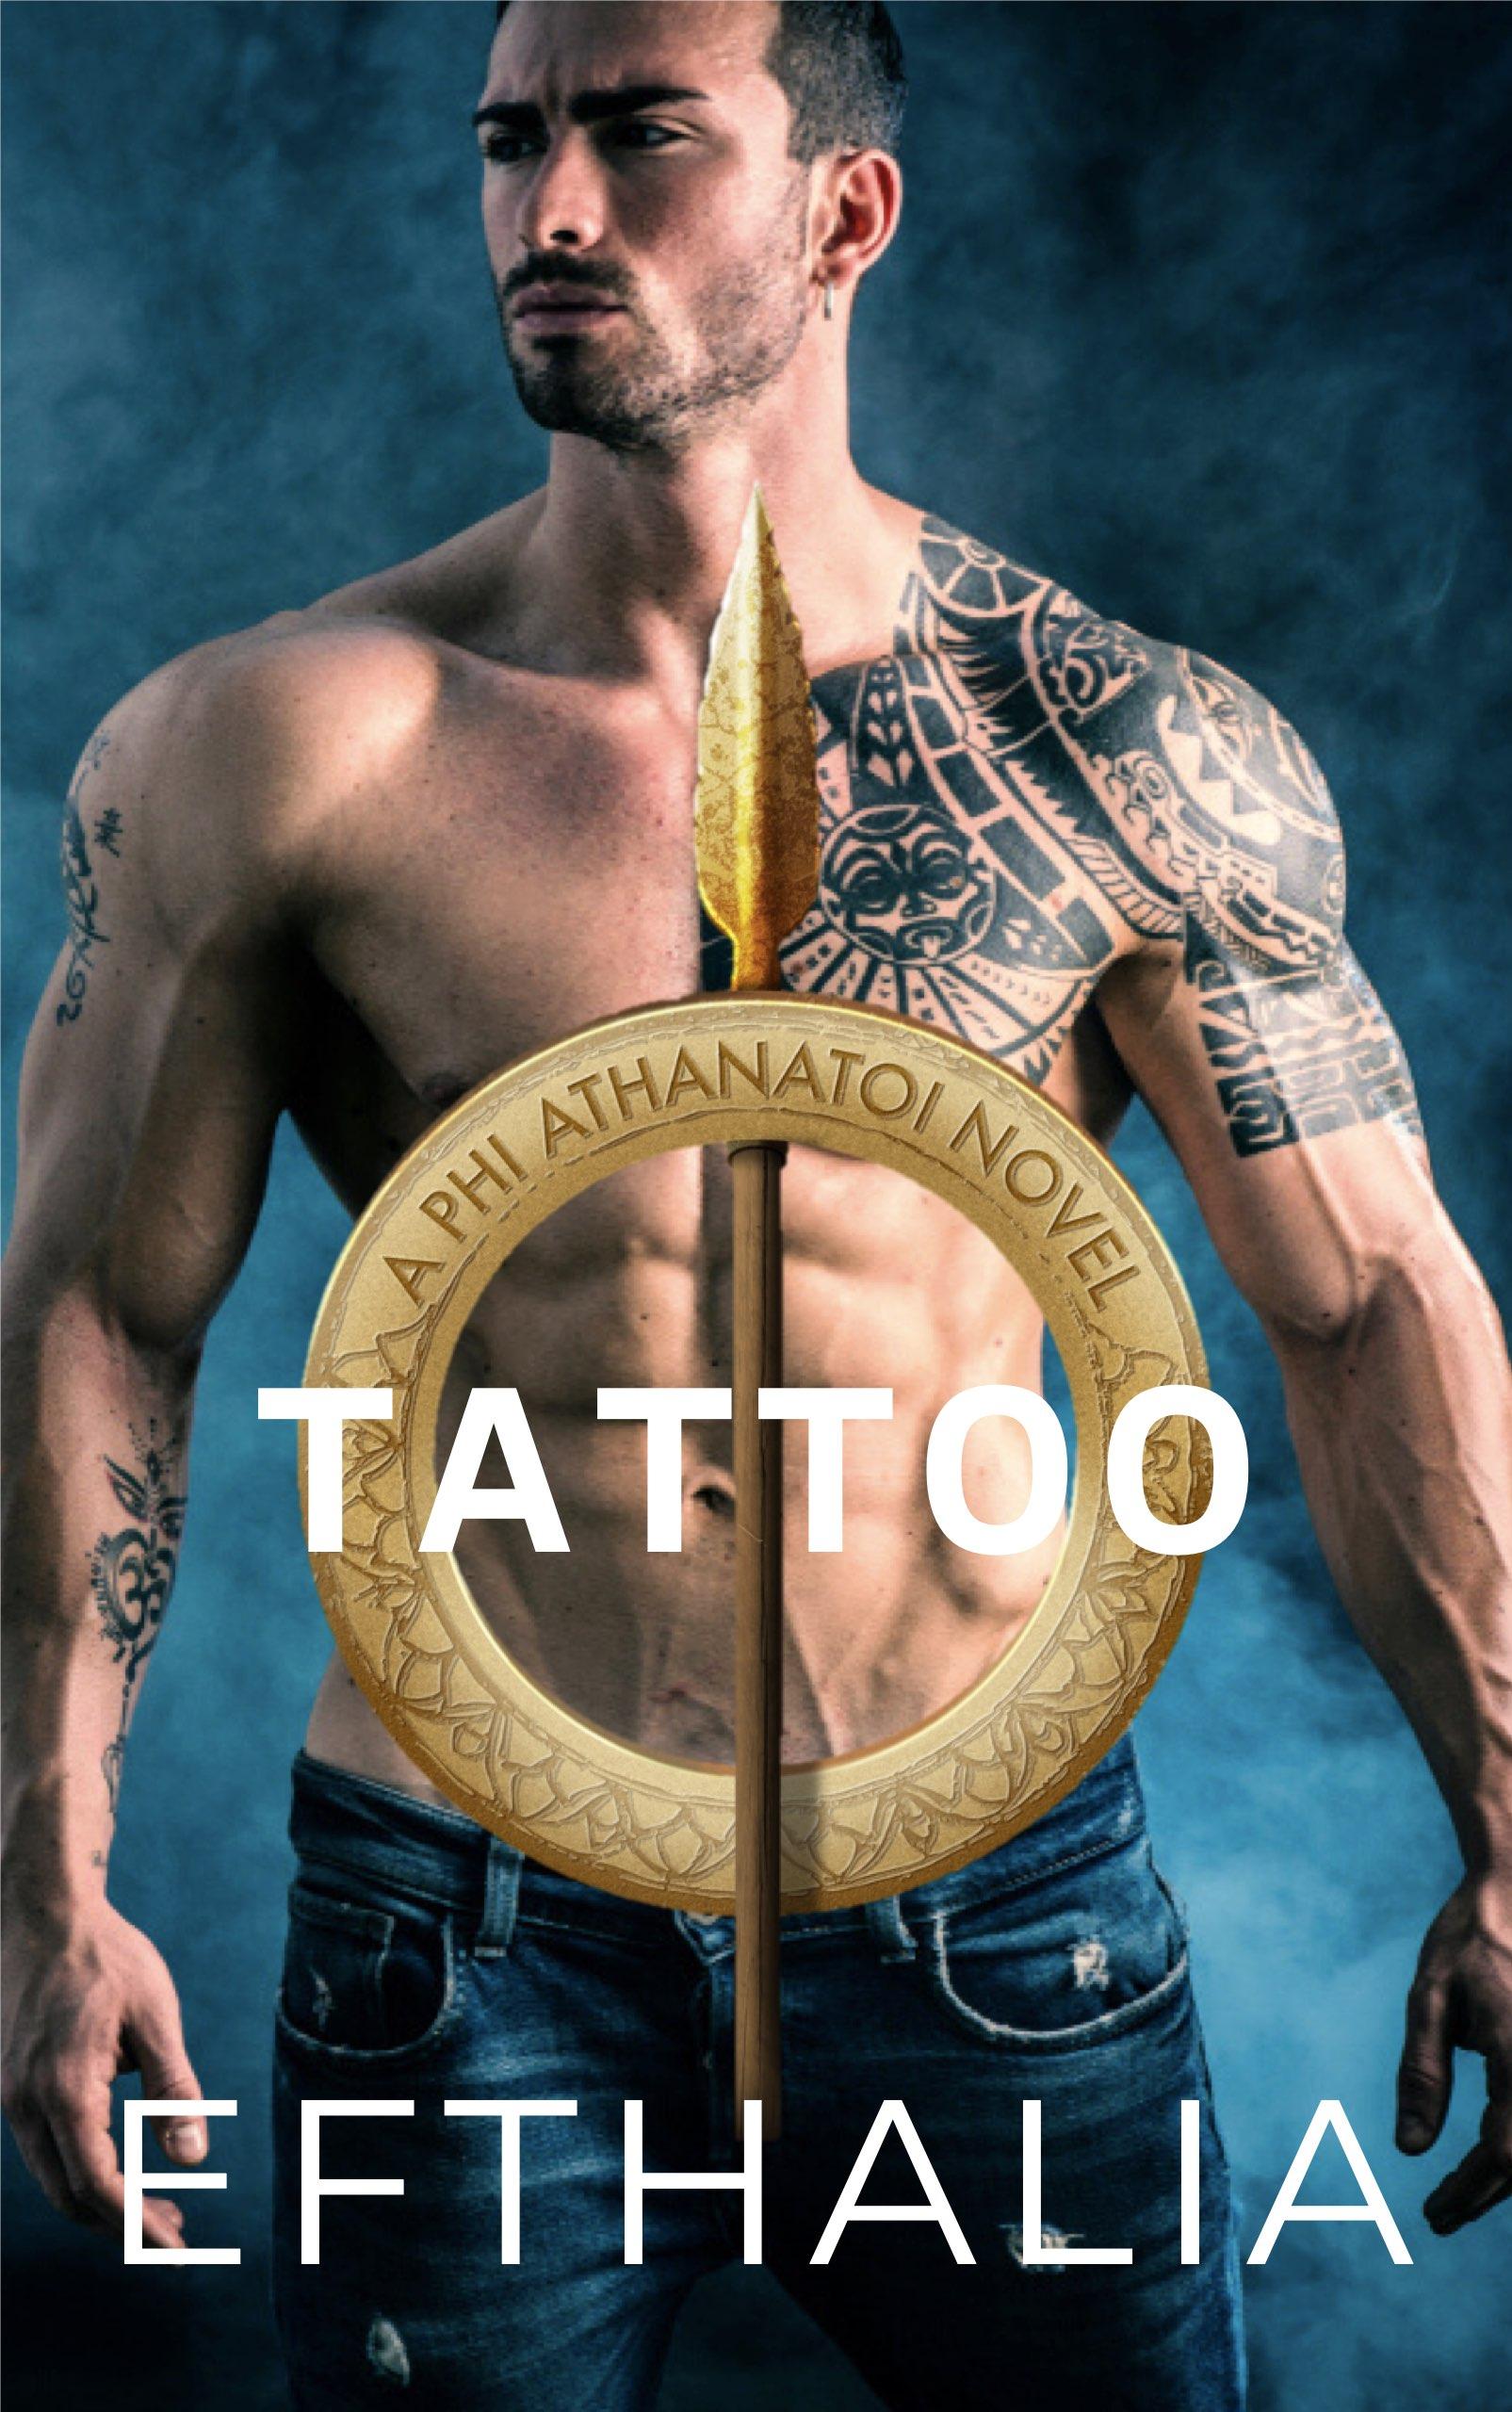 Tattoo-Generic.jpg